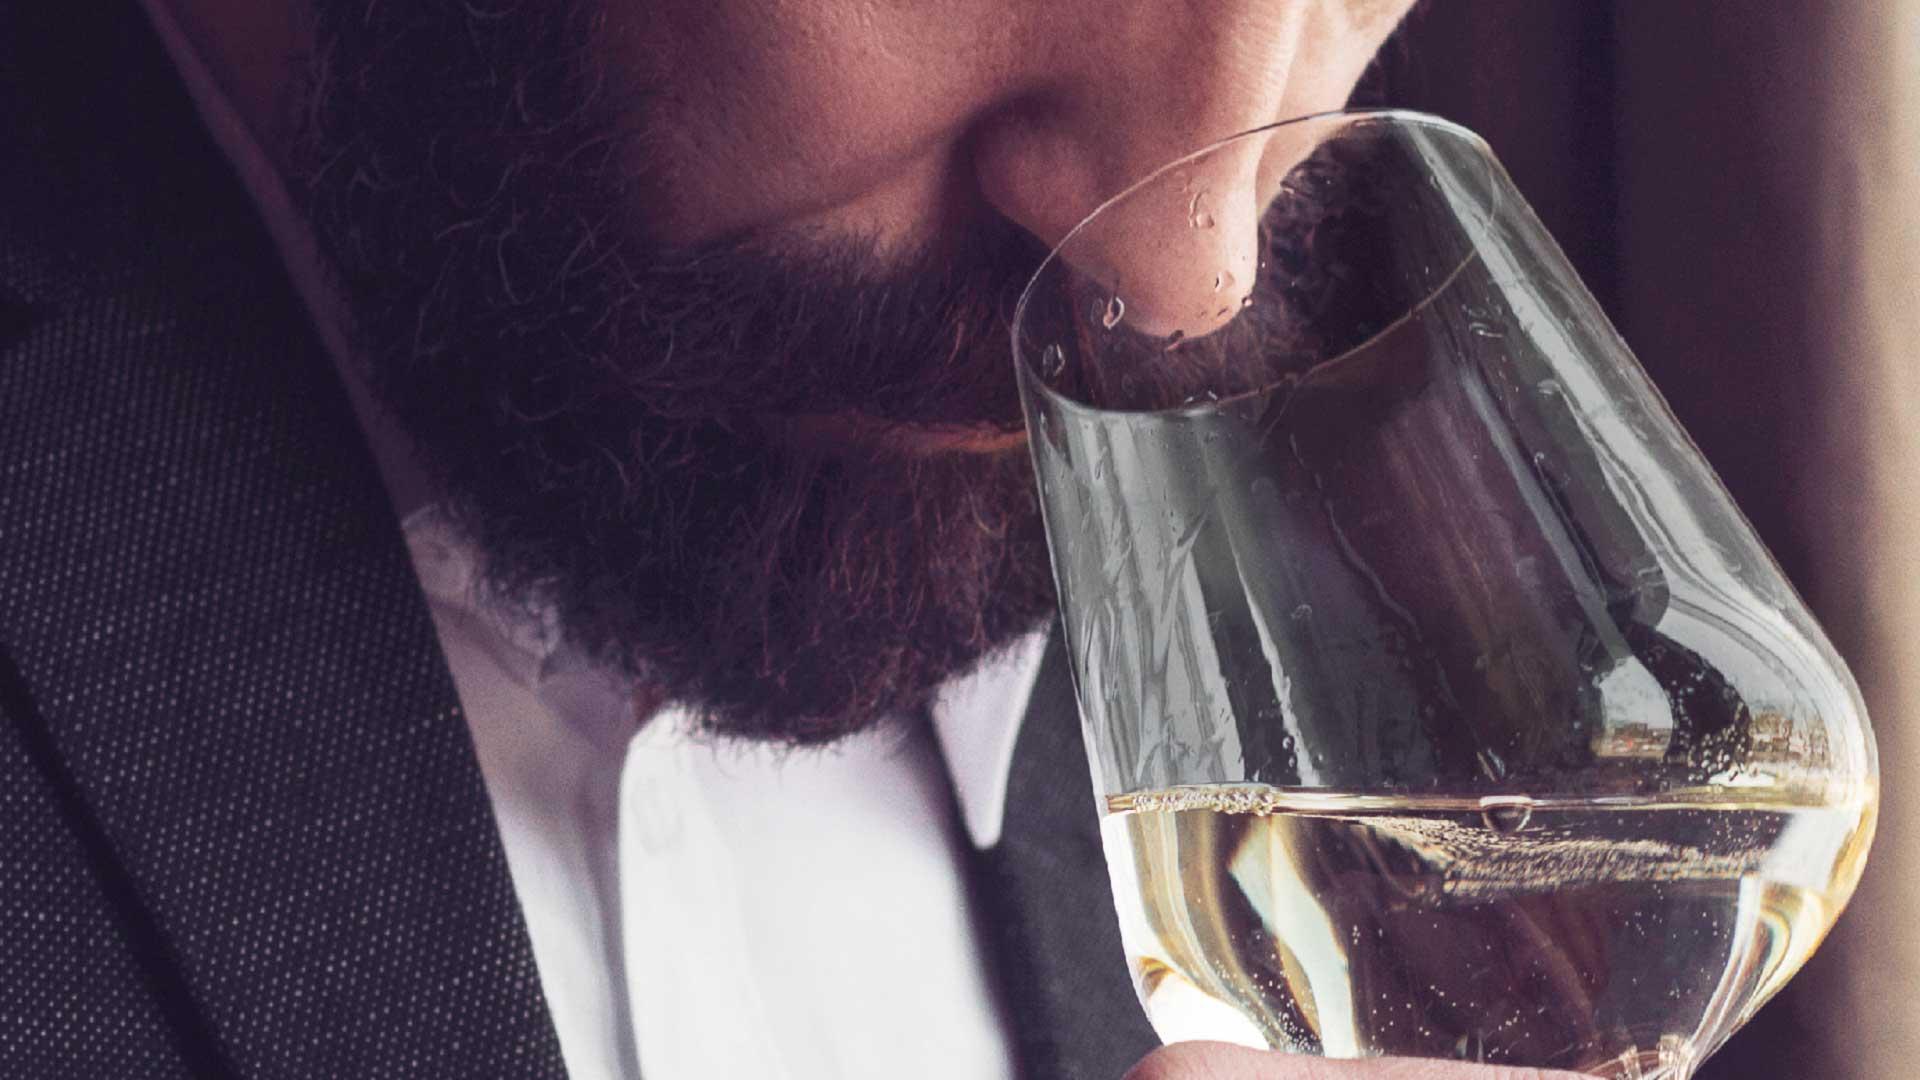 Cheirar o vinho pode prevenir doenças neurodegenerativas como Alzheimer e Parkinson